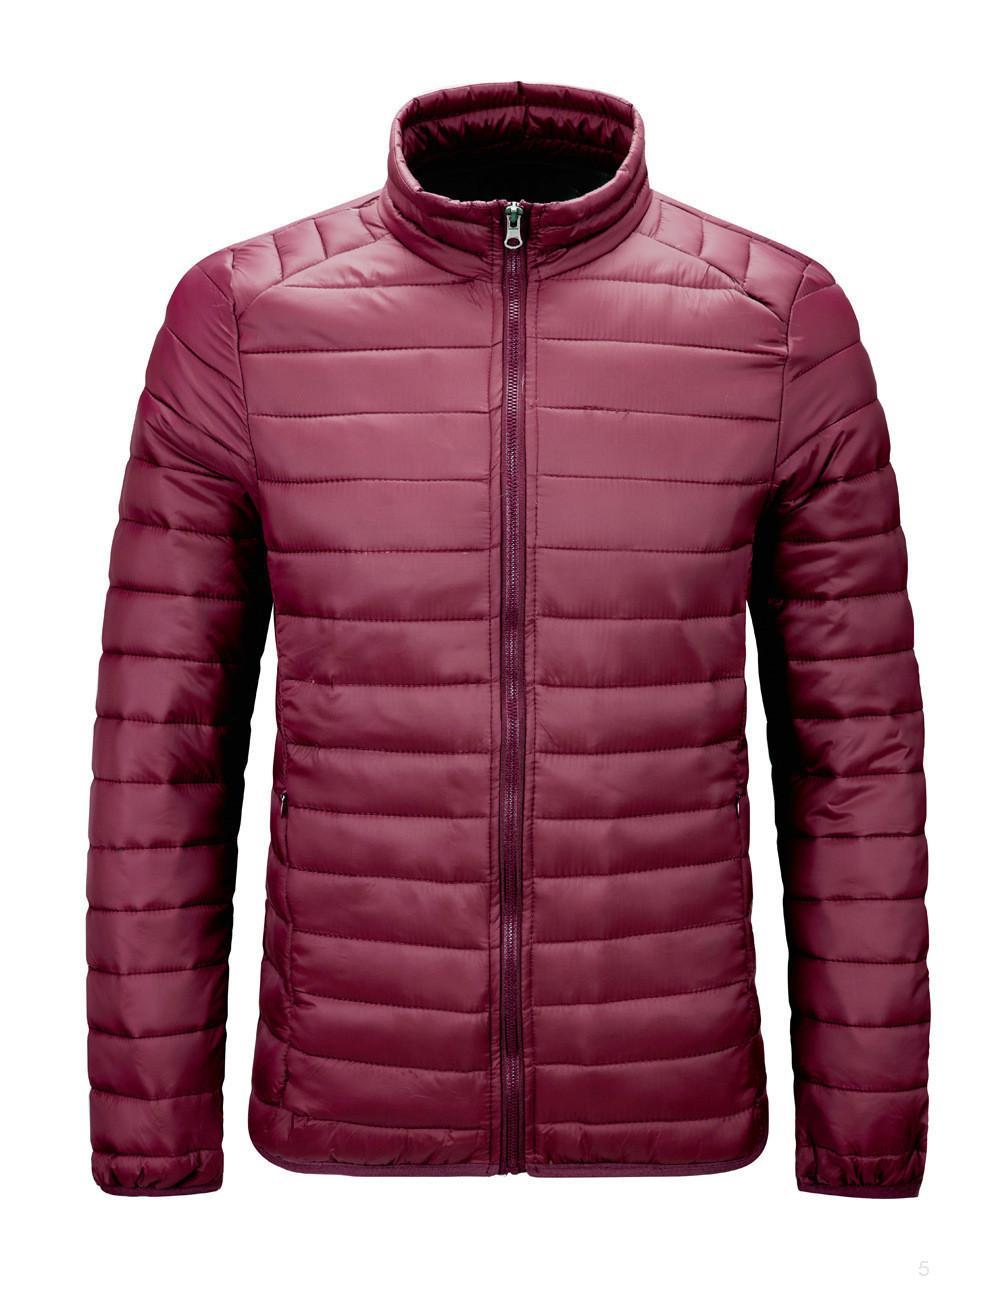 caliente del invierno abajo chaqueta al aire libre venta de la manera de los hombres 4IIBABB